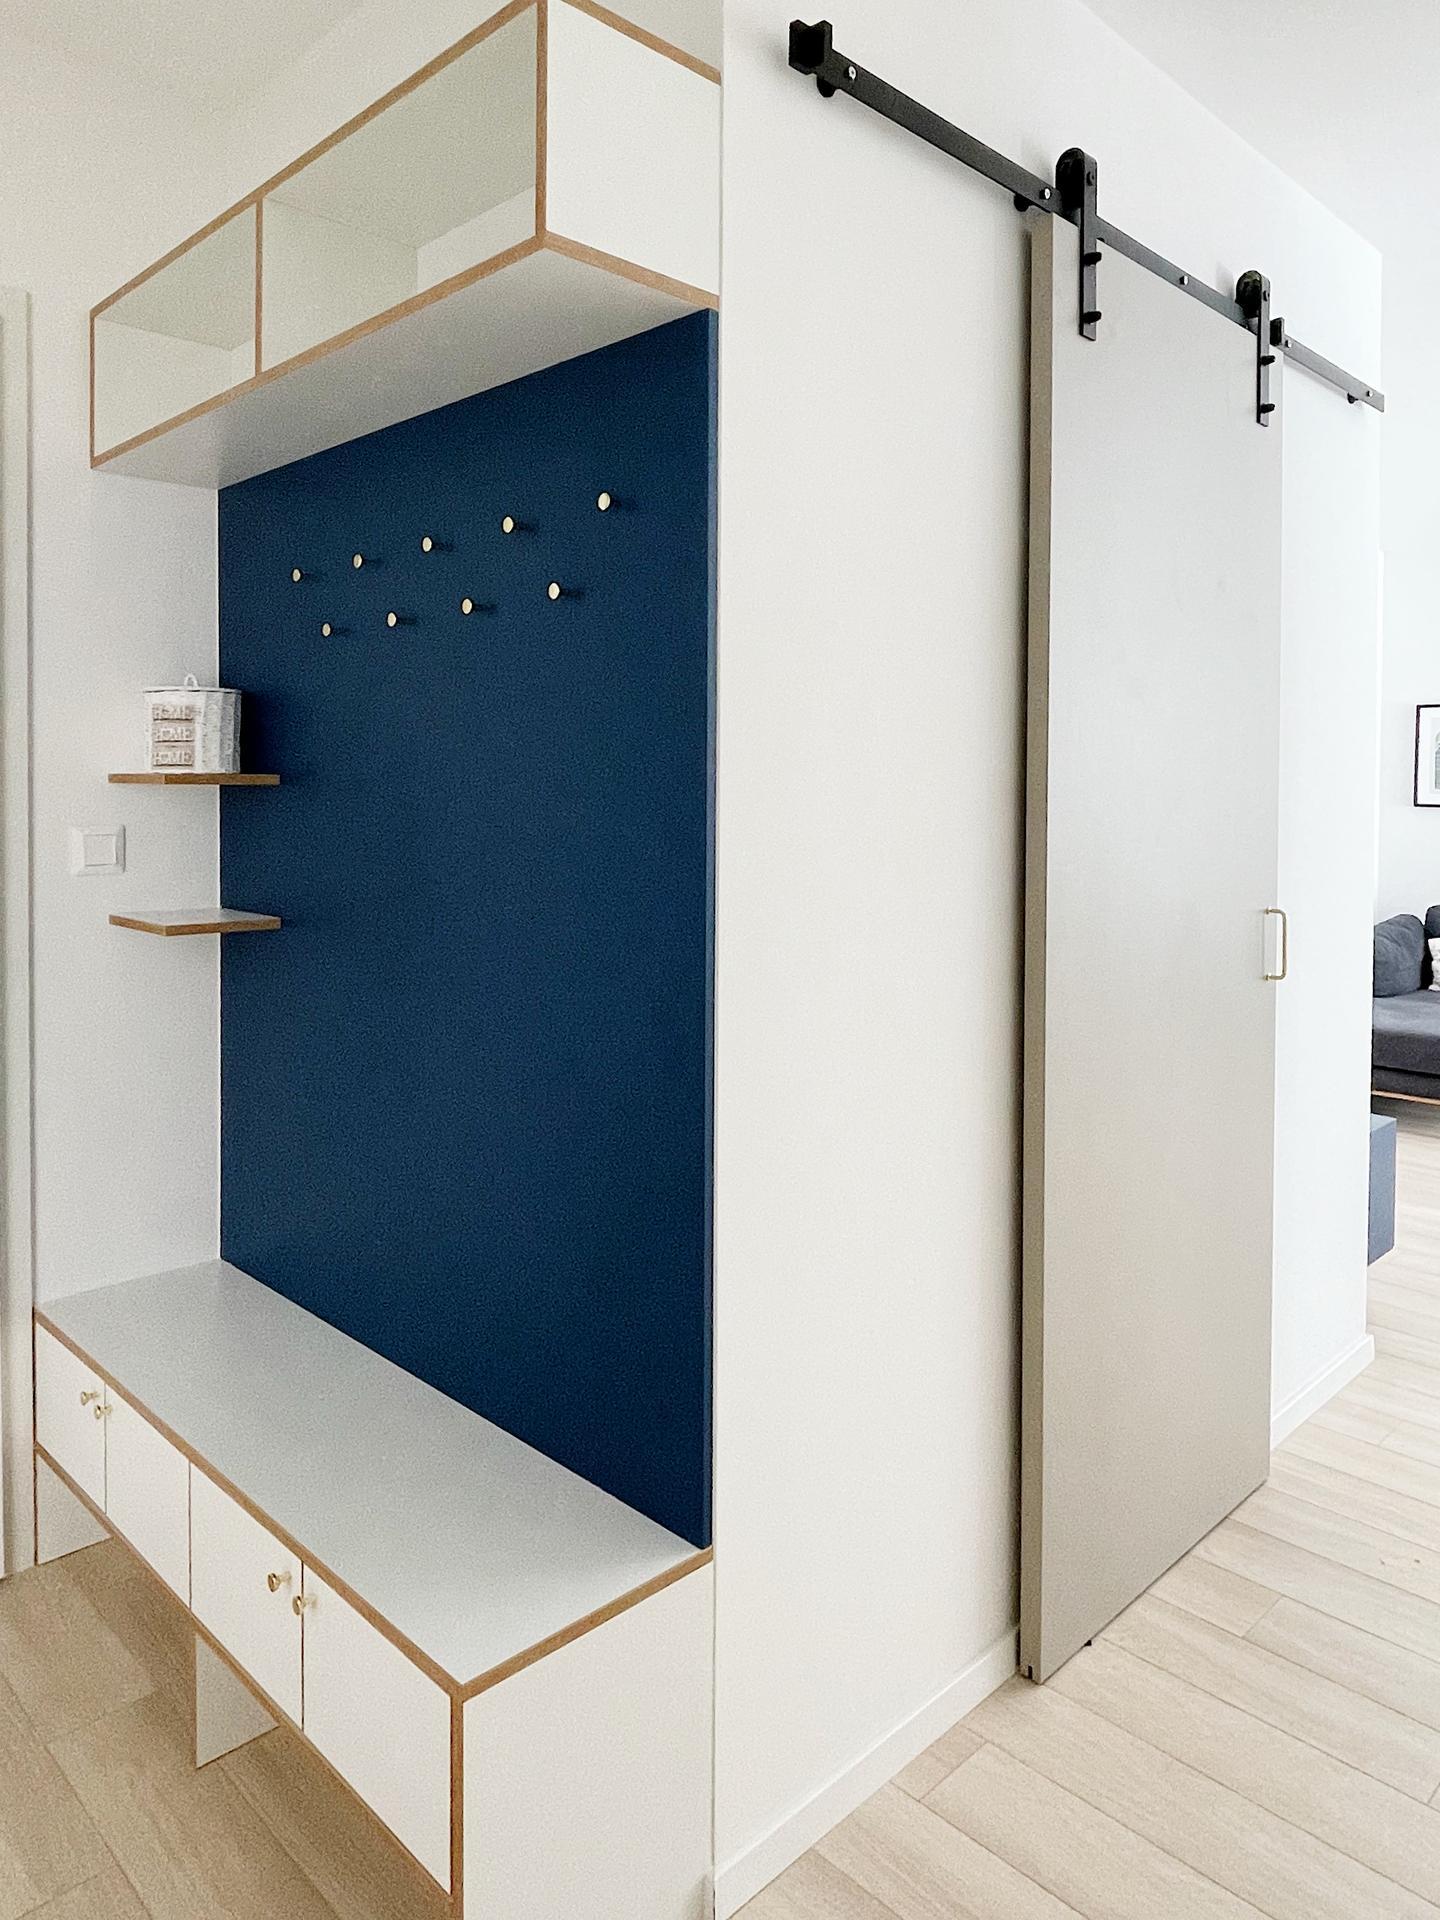 """Taký (ne?)obyčajný 2izbák na prenájom (a.k.a. Aj s nízkym rozpočtom sa dá čarovať ☺️) - Zastena je rovnakej farby ako skrinka pod TV - odtien modrej zvany """"ocean blue"""".  Zlate uchytky z IKEA su prepajajucim prvkom v celom byte - su tu ako vesiaciky, aj ako uchytky, a nachadzaju sa ako uchytky aj v kuchyni, na skrinke pod TV, na skriniach v spalni a aj na nocnych stolikoch."""